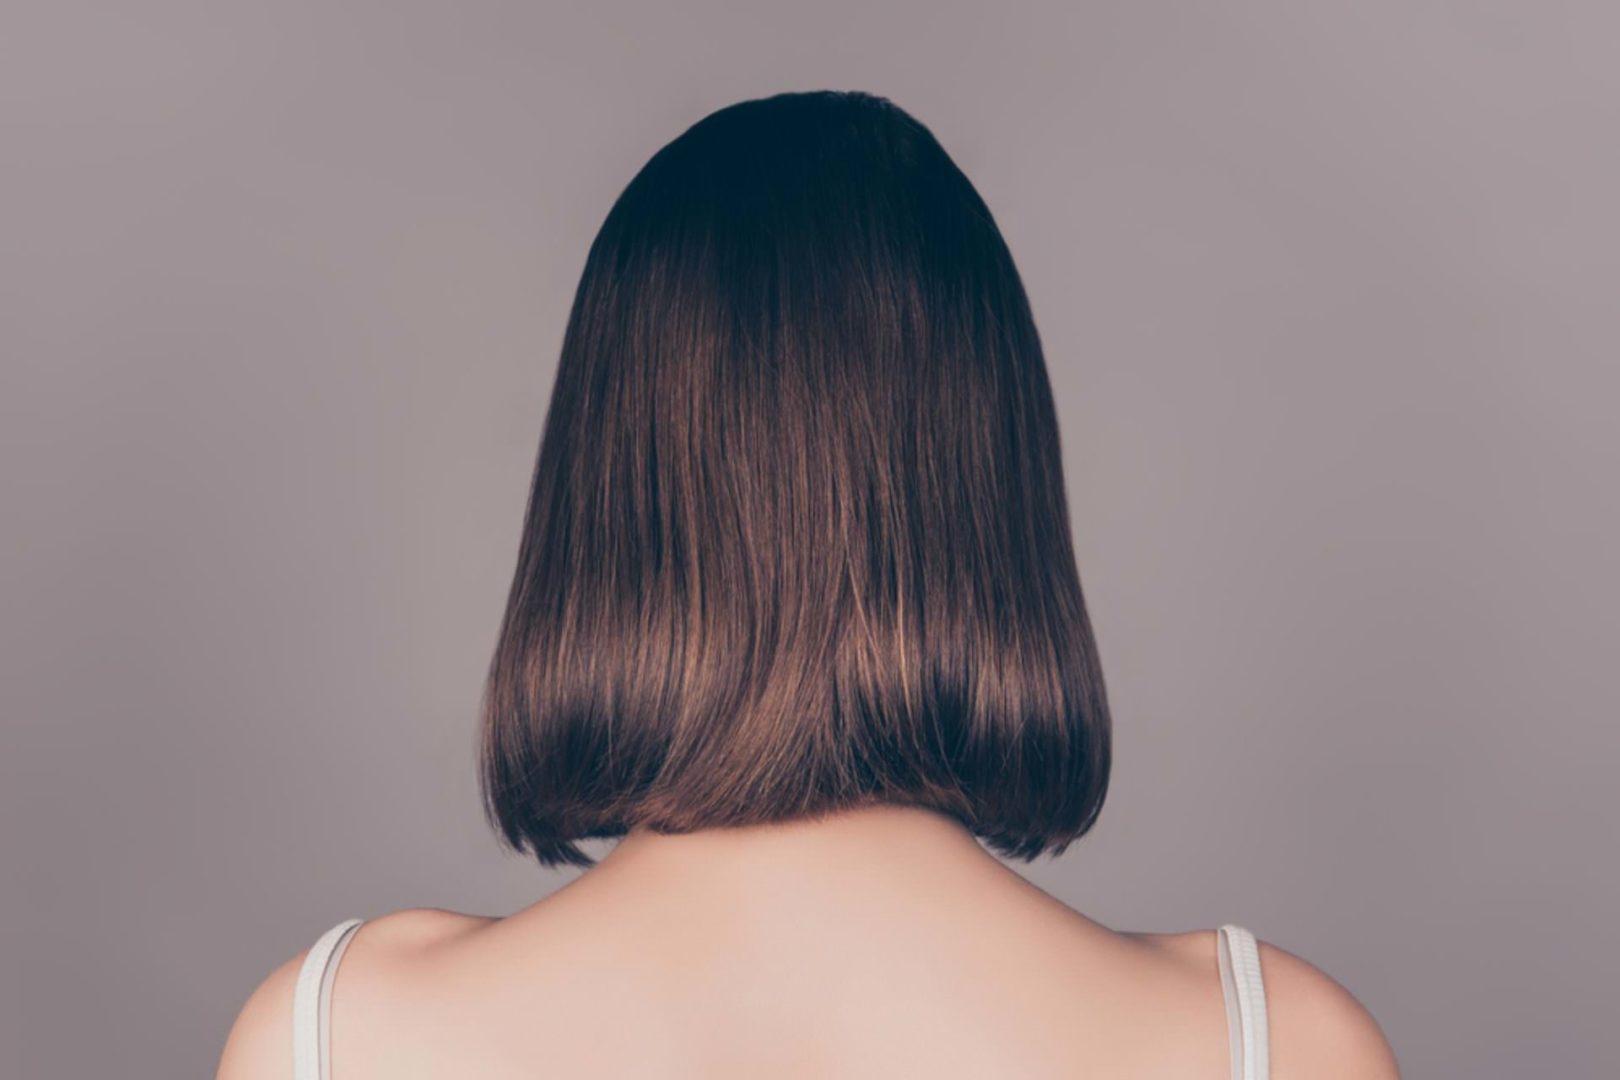 Klippe håret kort